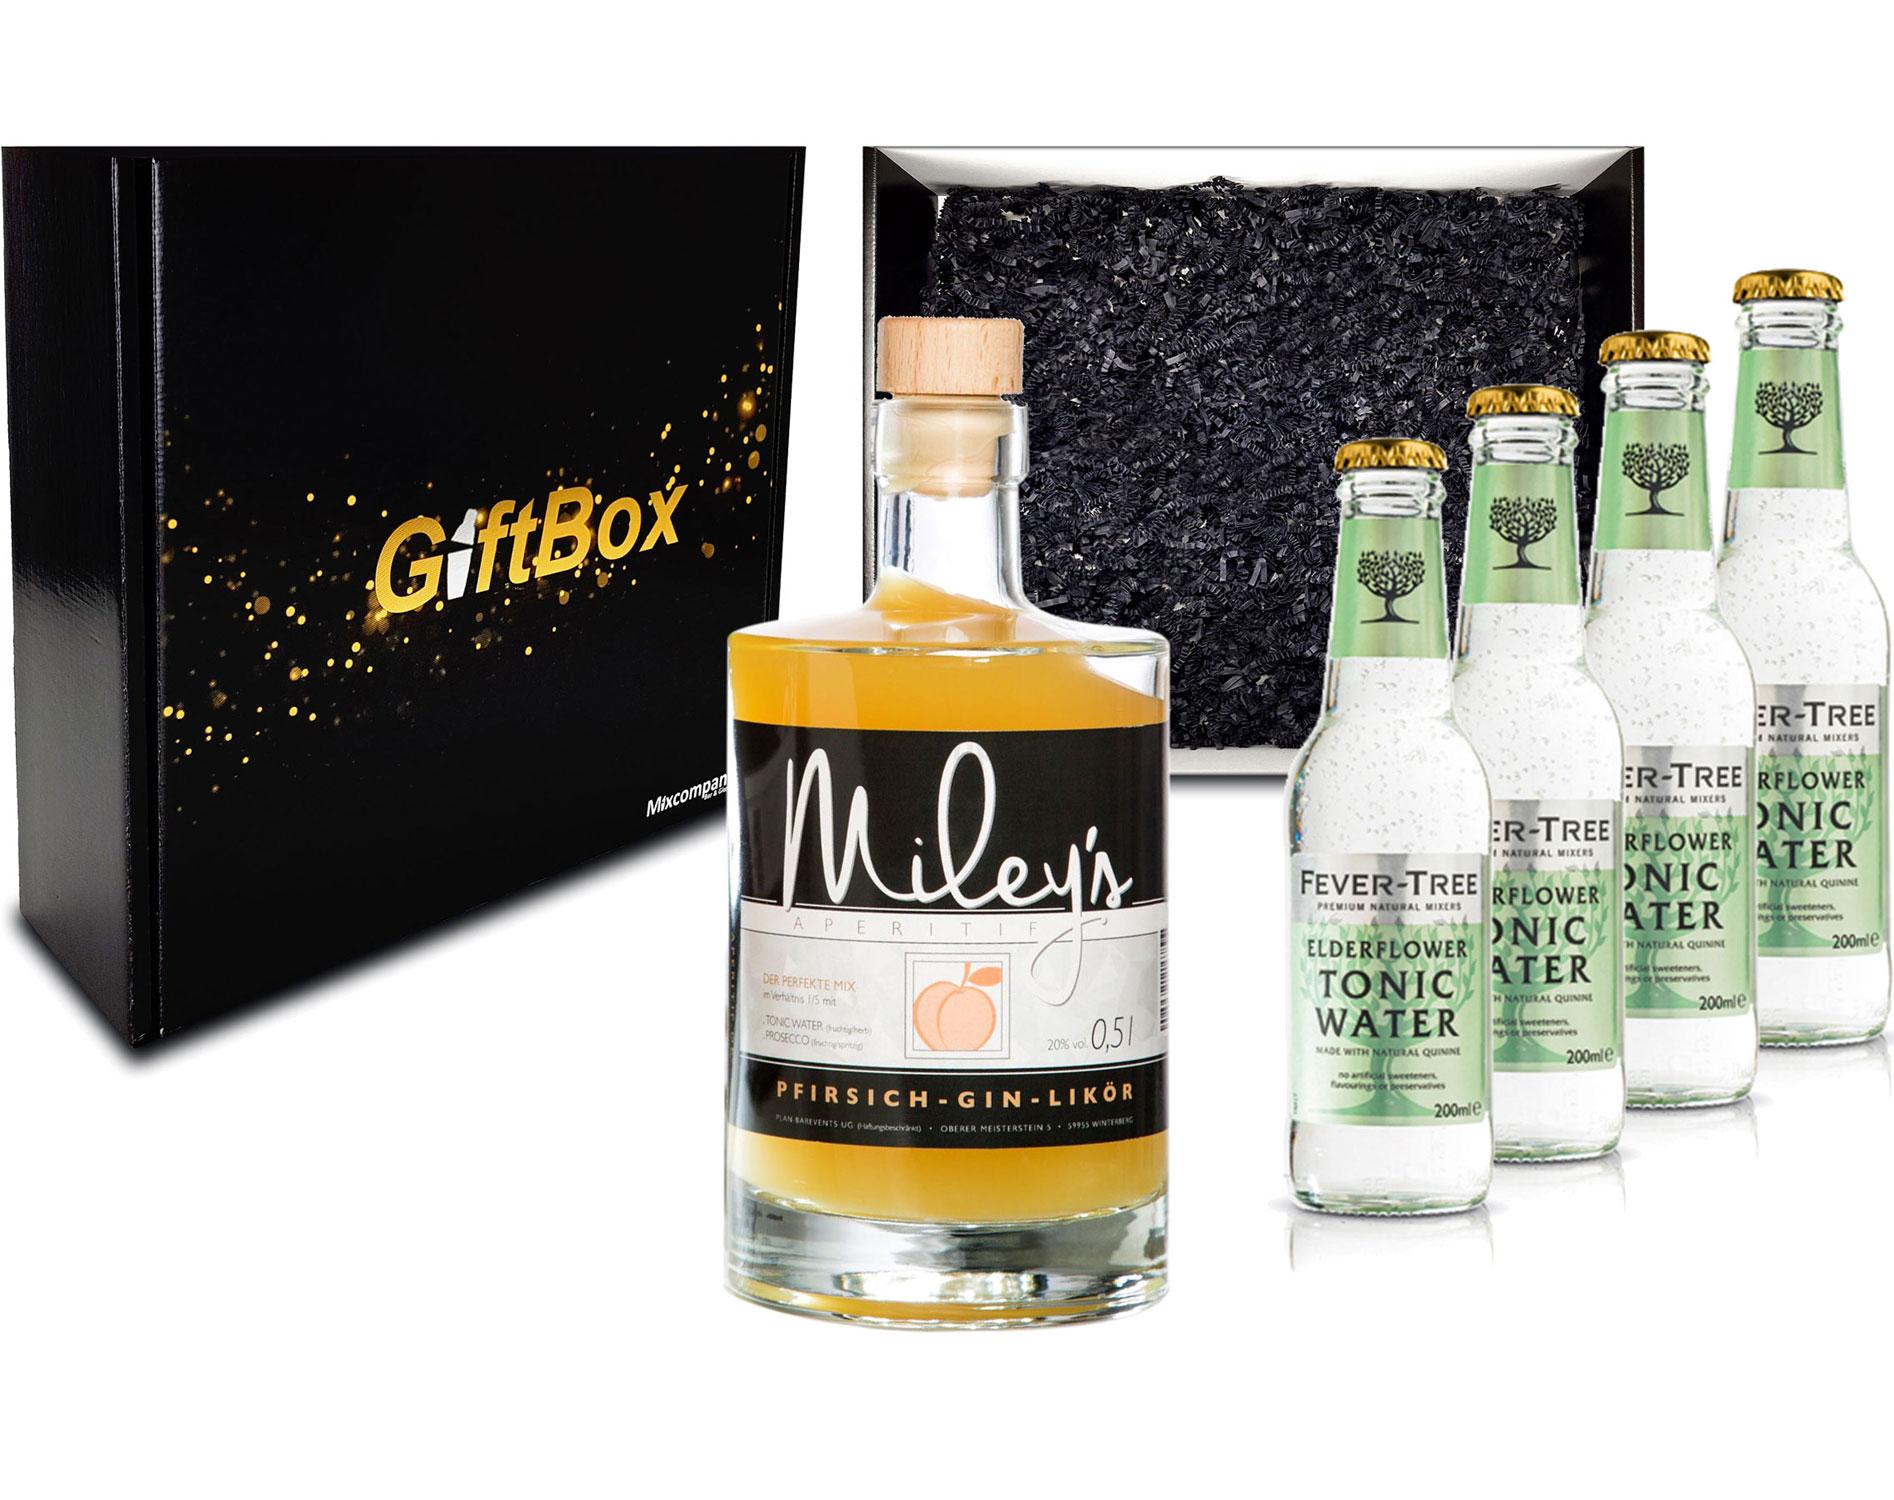 Gin Tonic Giftbox Geschenkset - Mileys Pfirsich Gin Likör 0,5l (20% Vol) + 4x Fever Tree Elderflower Water 200ml inkl. Pfand MEHRWEG - [Enthält Sulfite]